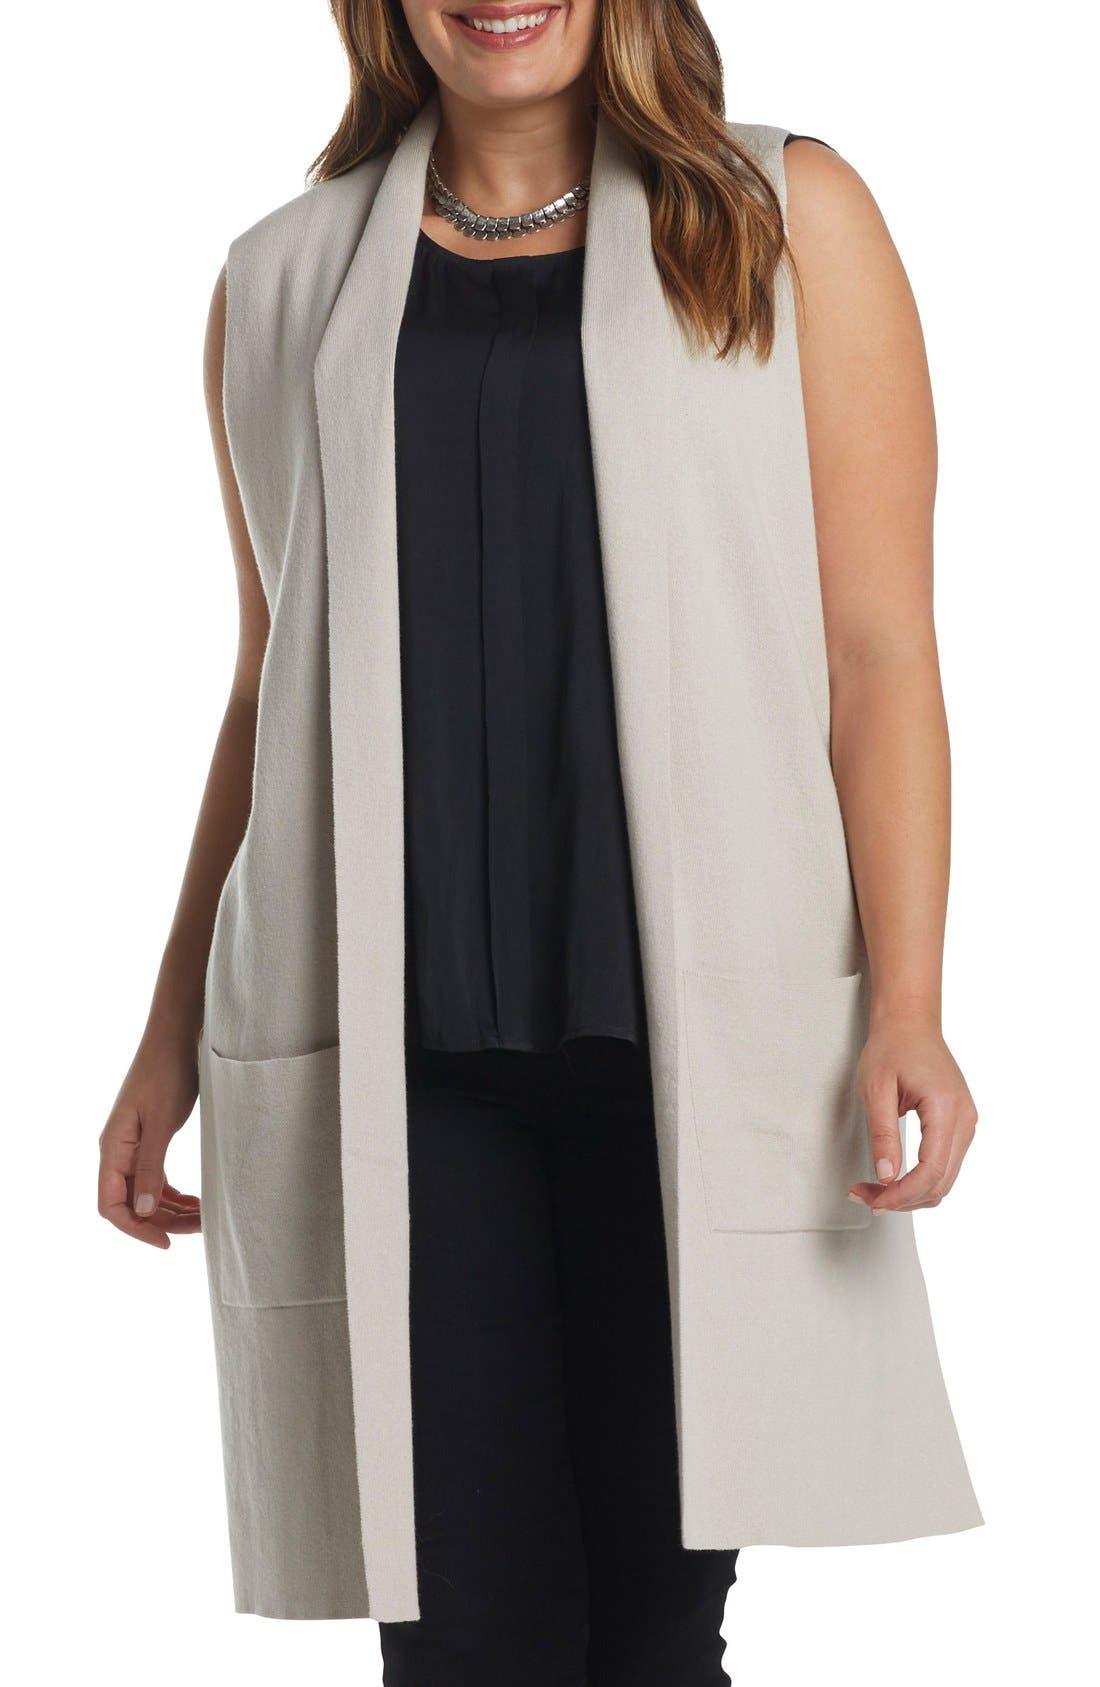 Melva Cotton & Cashmere Open Front Sweater Vest,                             Main thumbnail 1, color,                             Light Tan